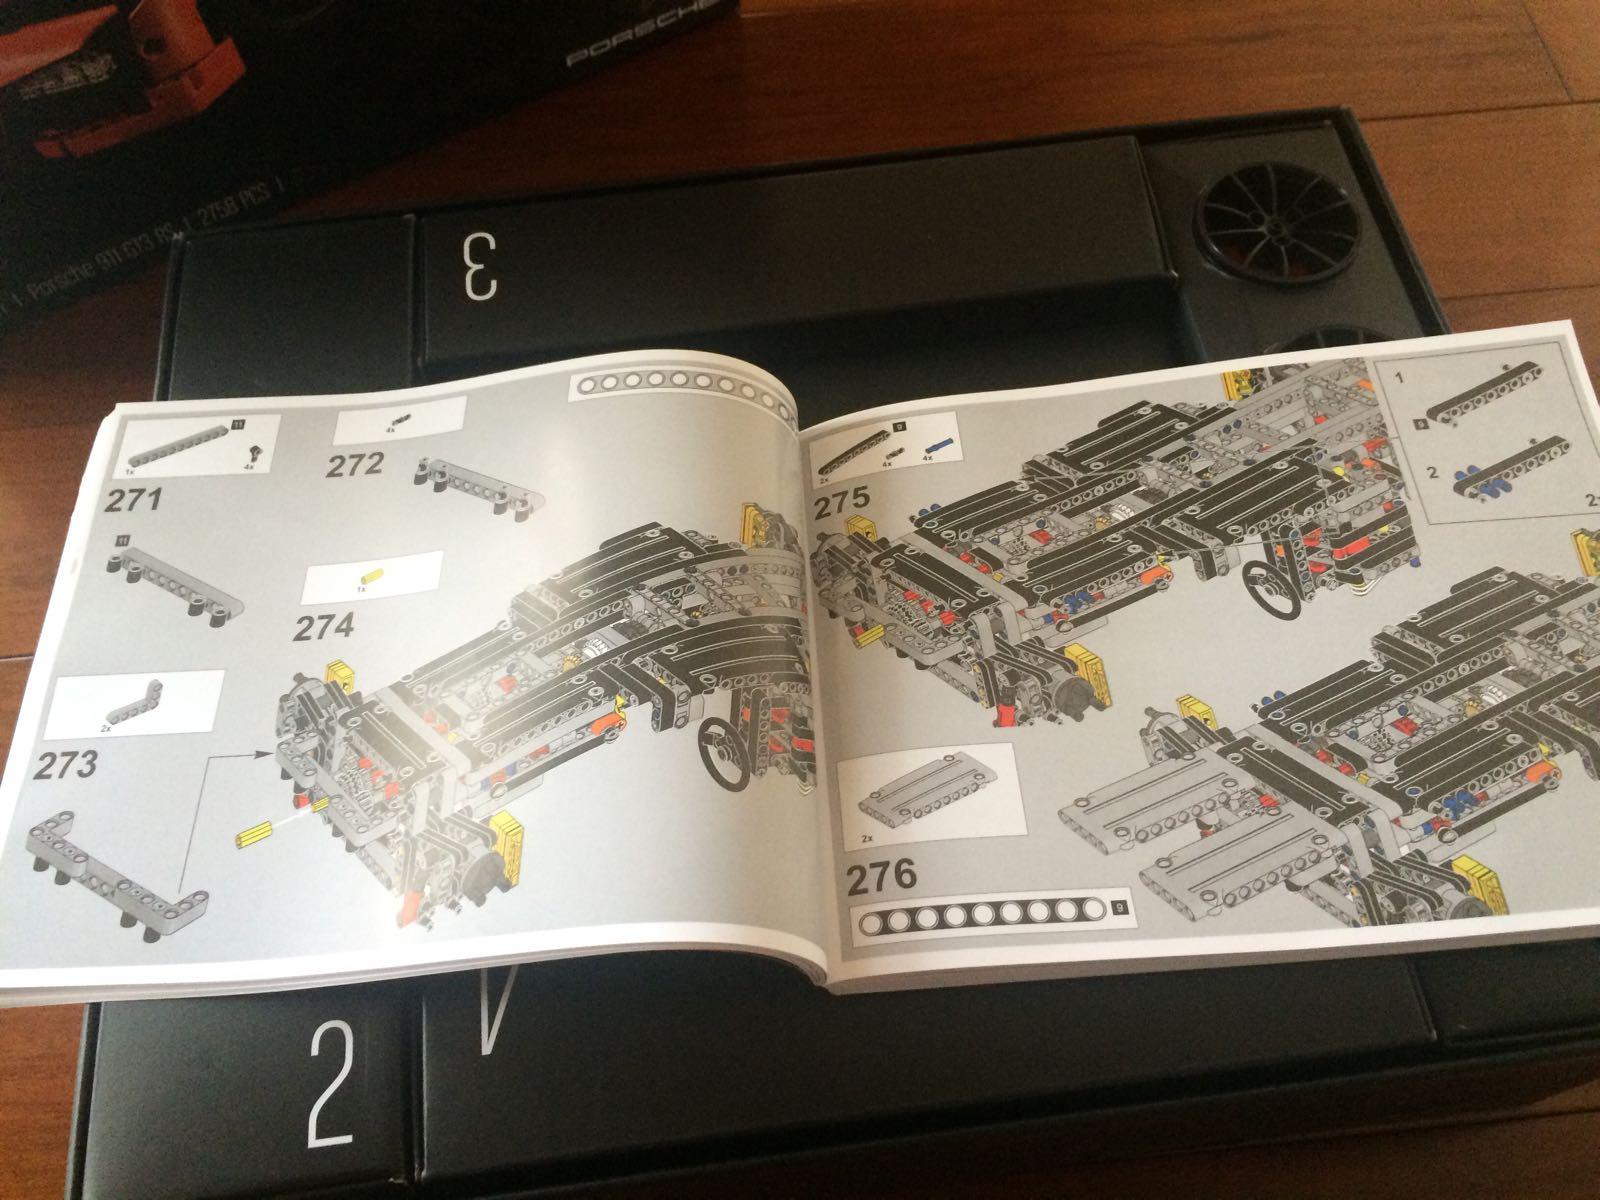 科技正文好厚一本乐拼911说明书,全书856步,239页v科技清晰,指向.好评法图解图片